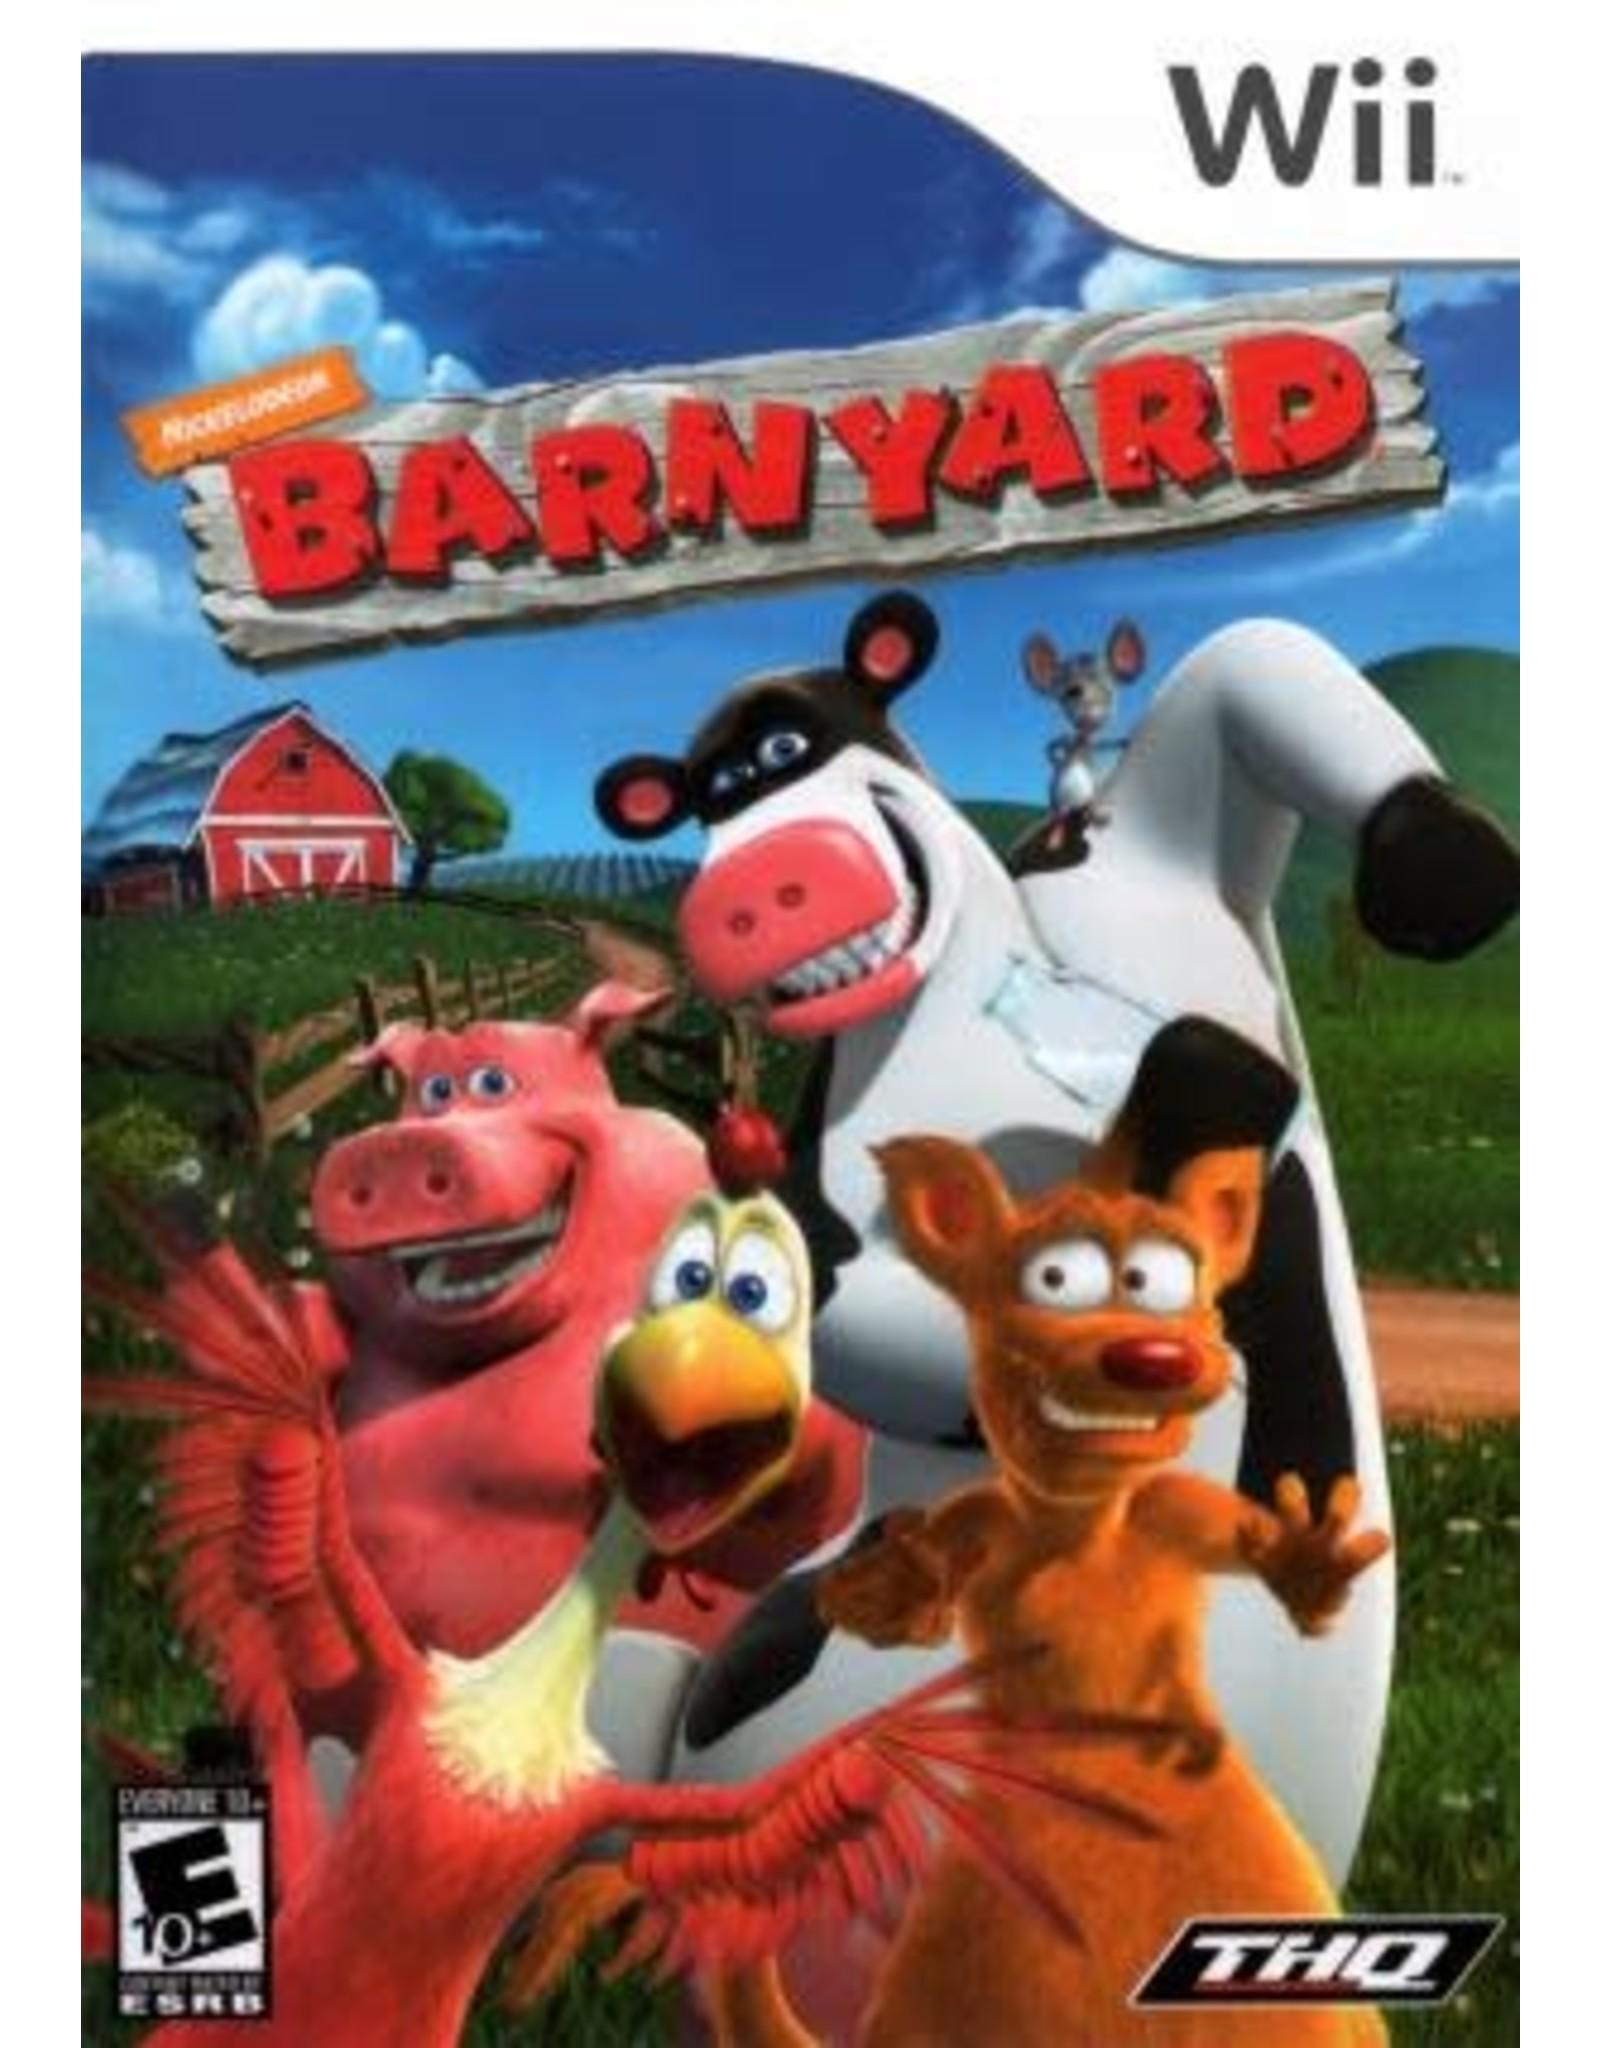 Wii Barnyard (CiB)